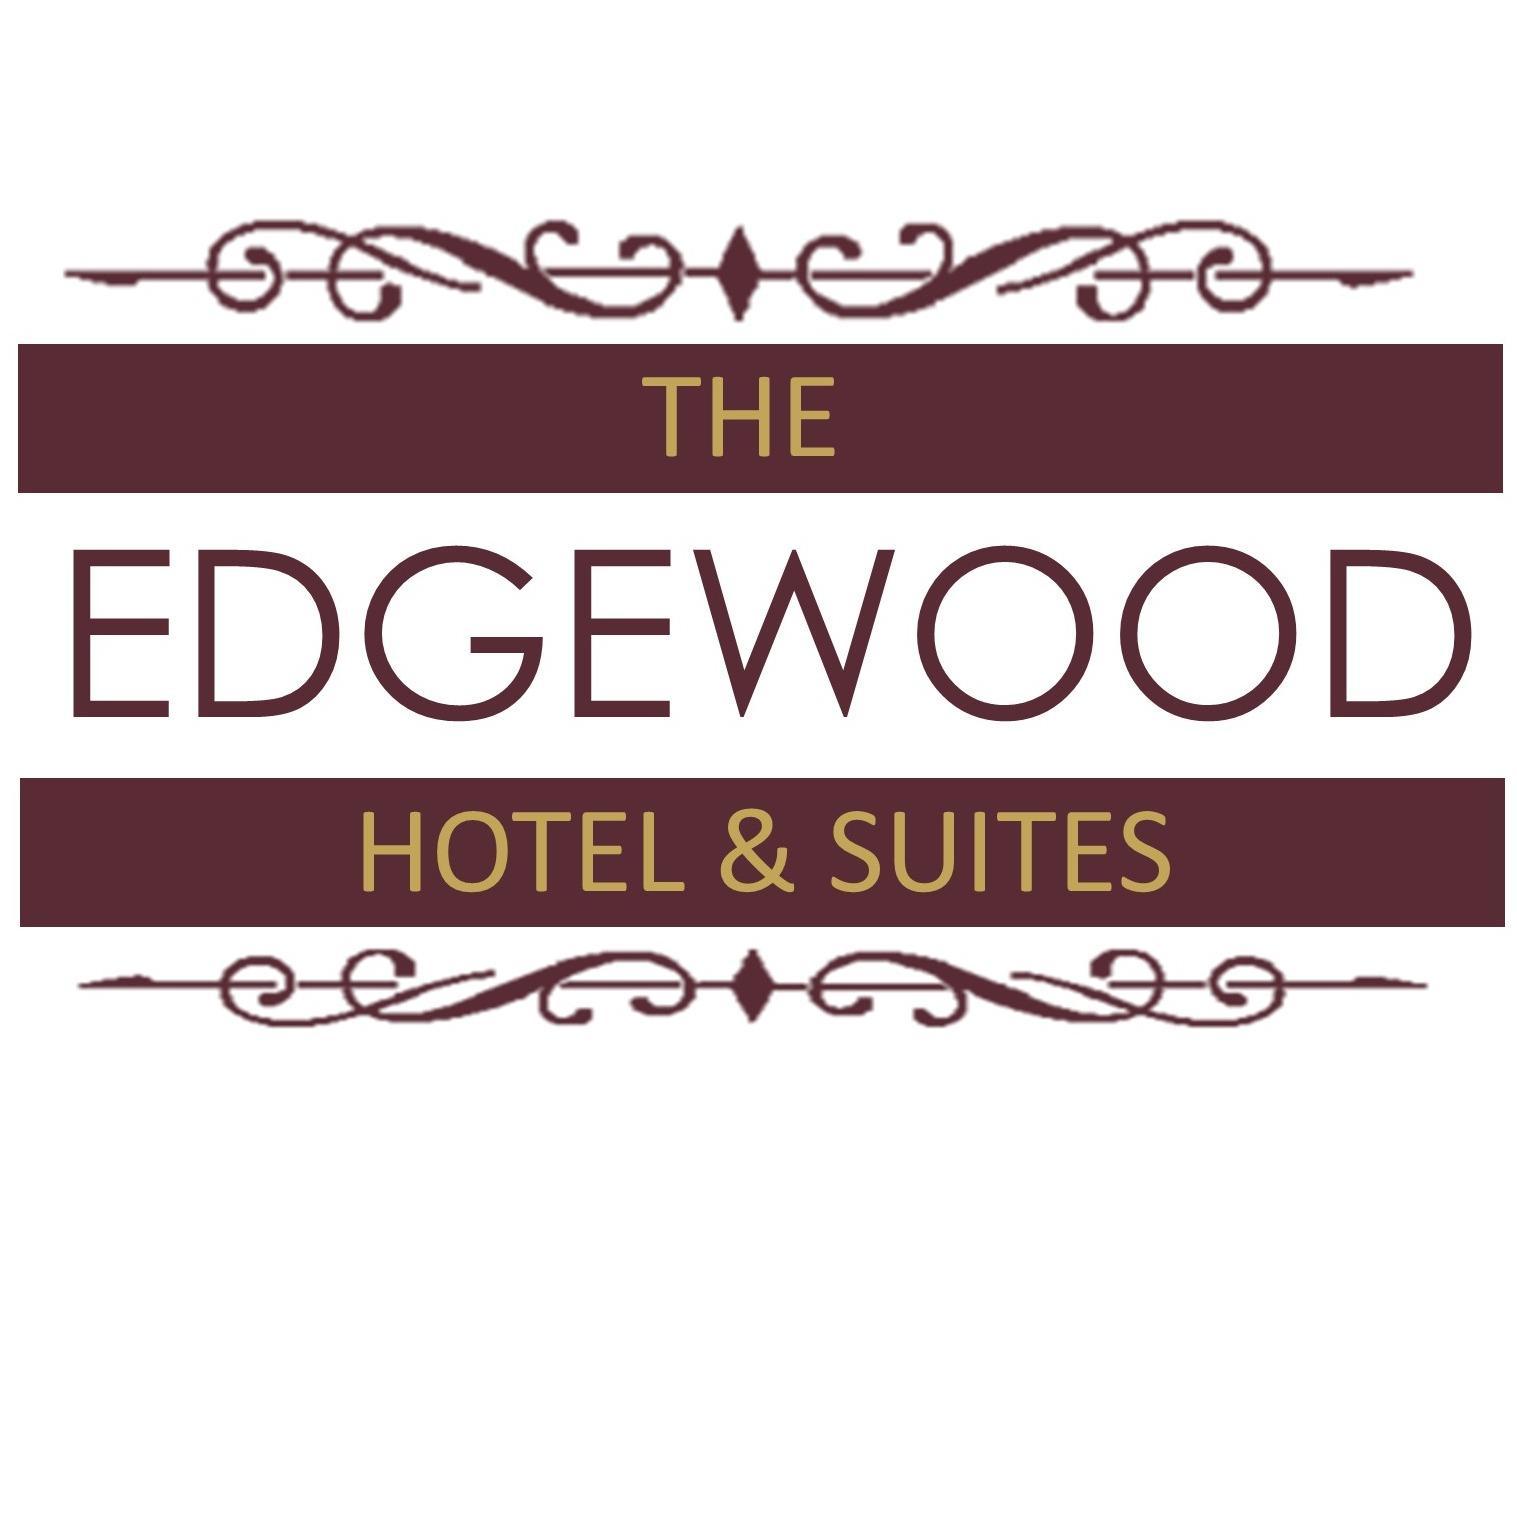 Edgewood Hotel & Suites